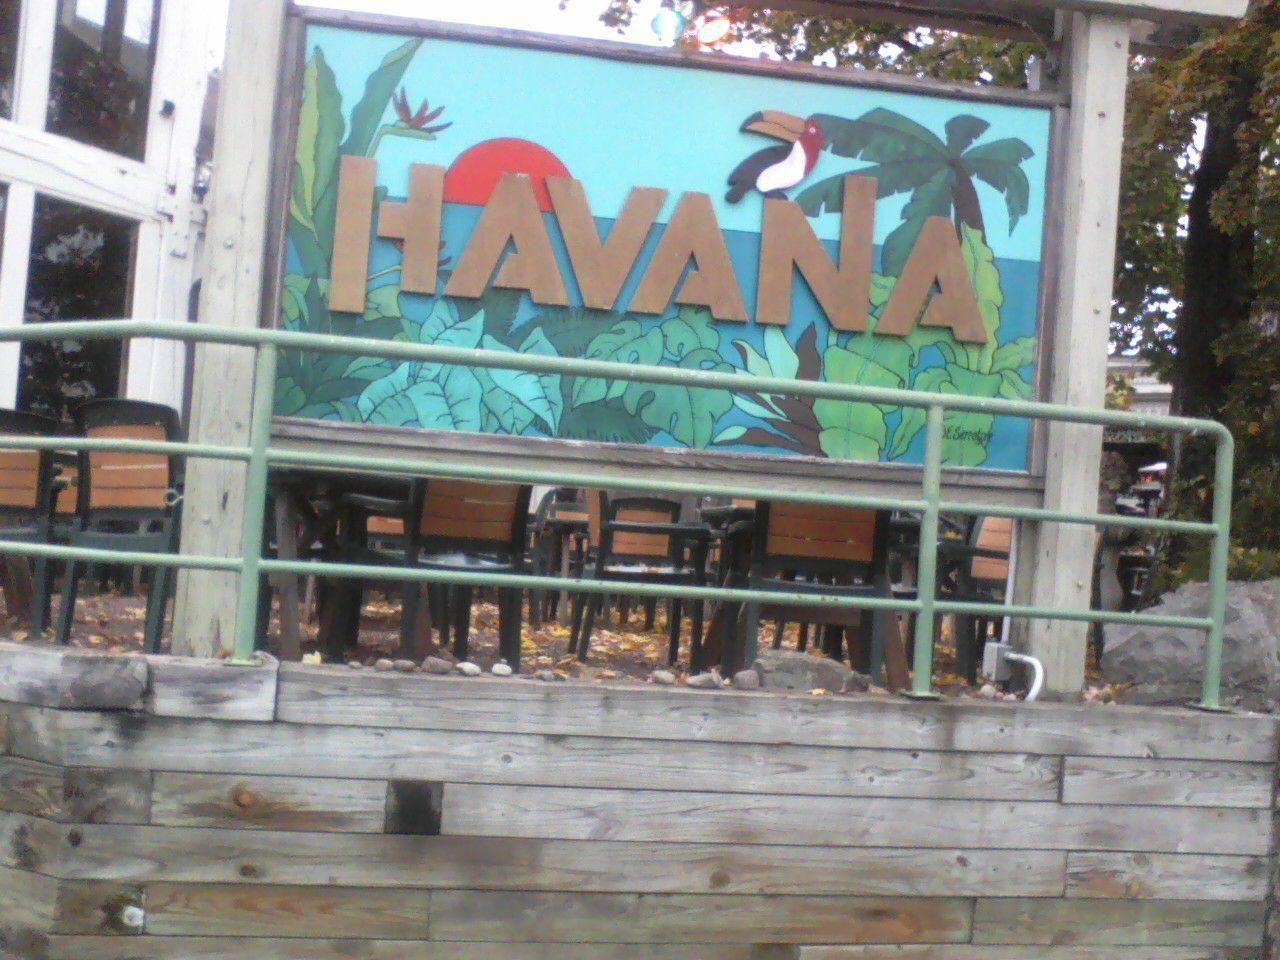 HAVANA Restaurant In New Hope Pa New Hope Pa Pinterest